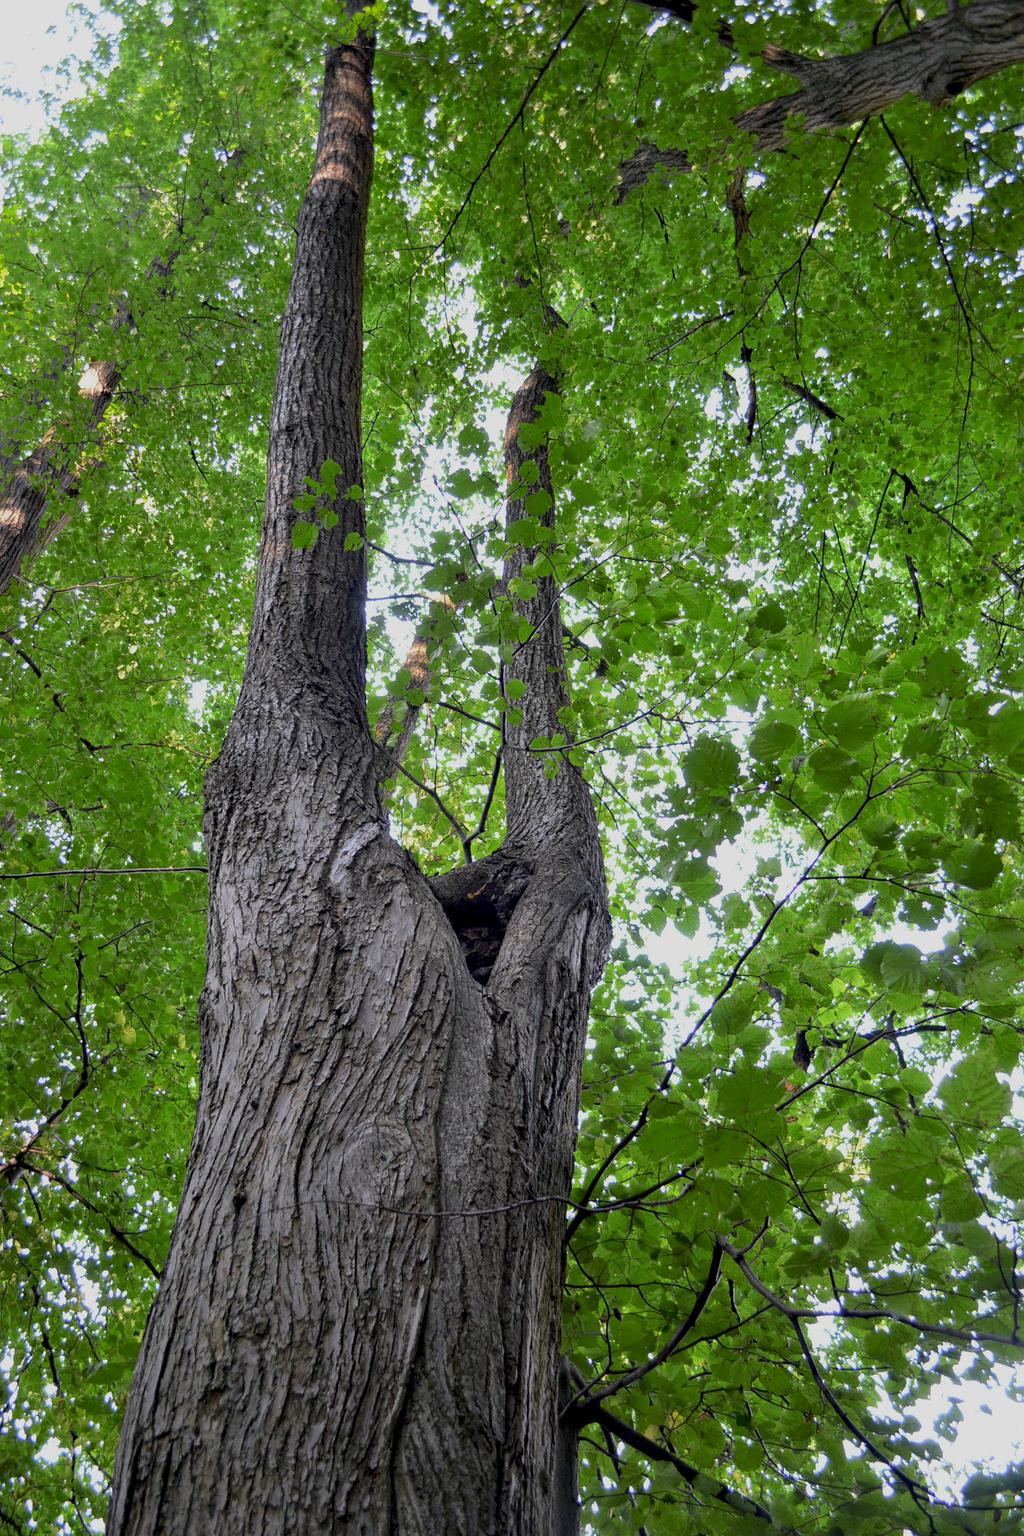 Czech Tree by Louliecz